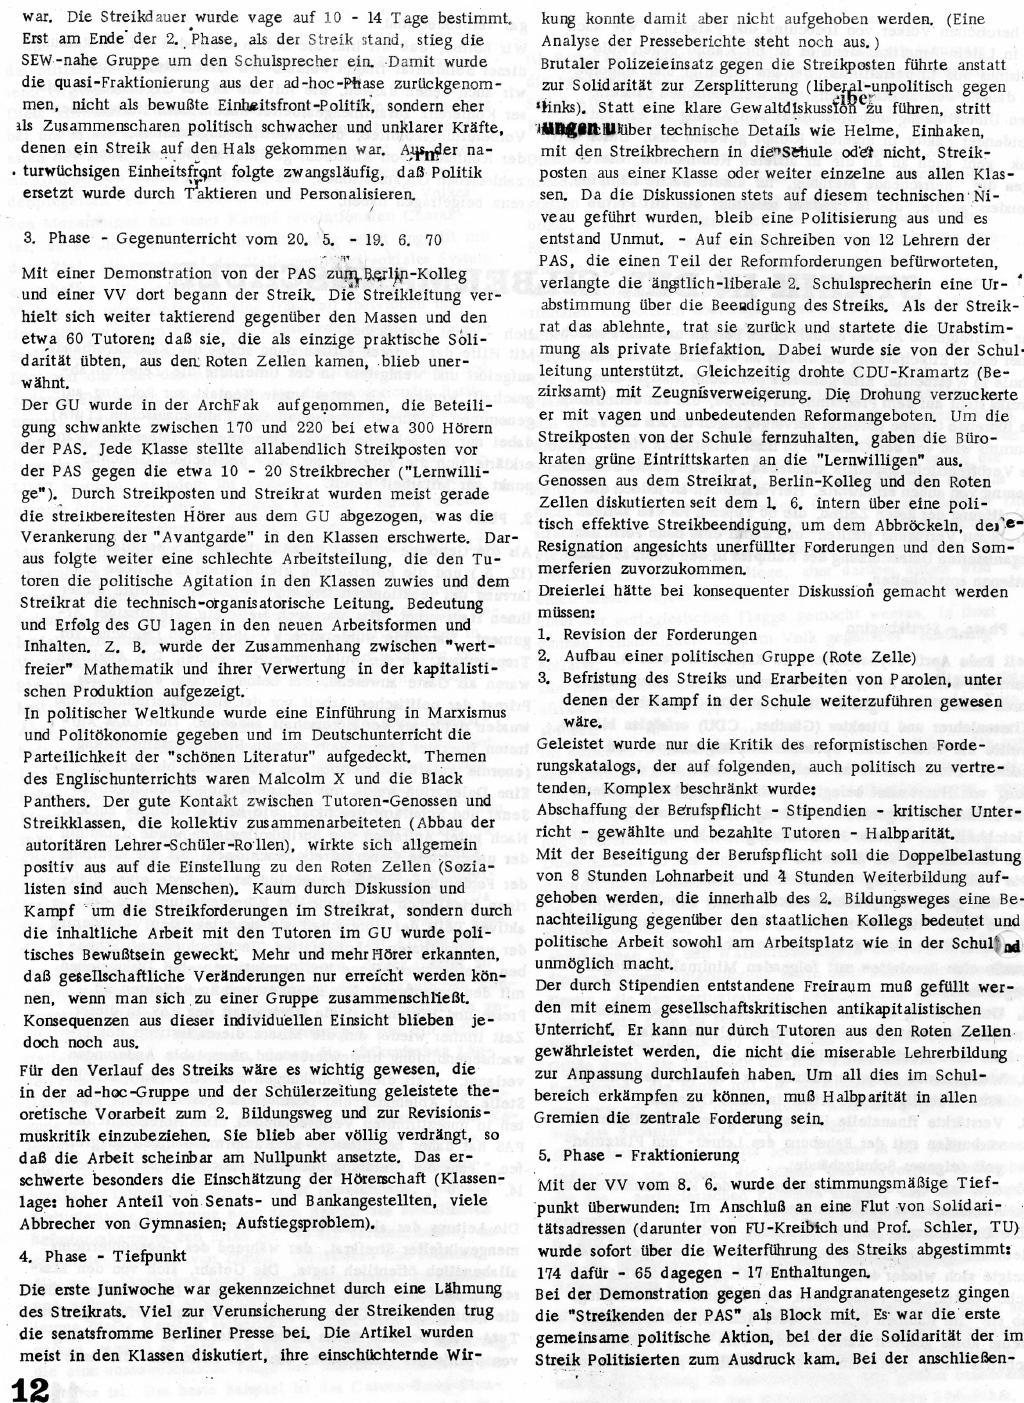 RPK_1970_072_12